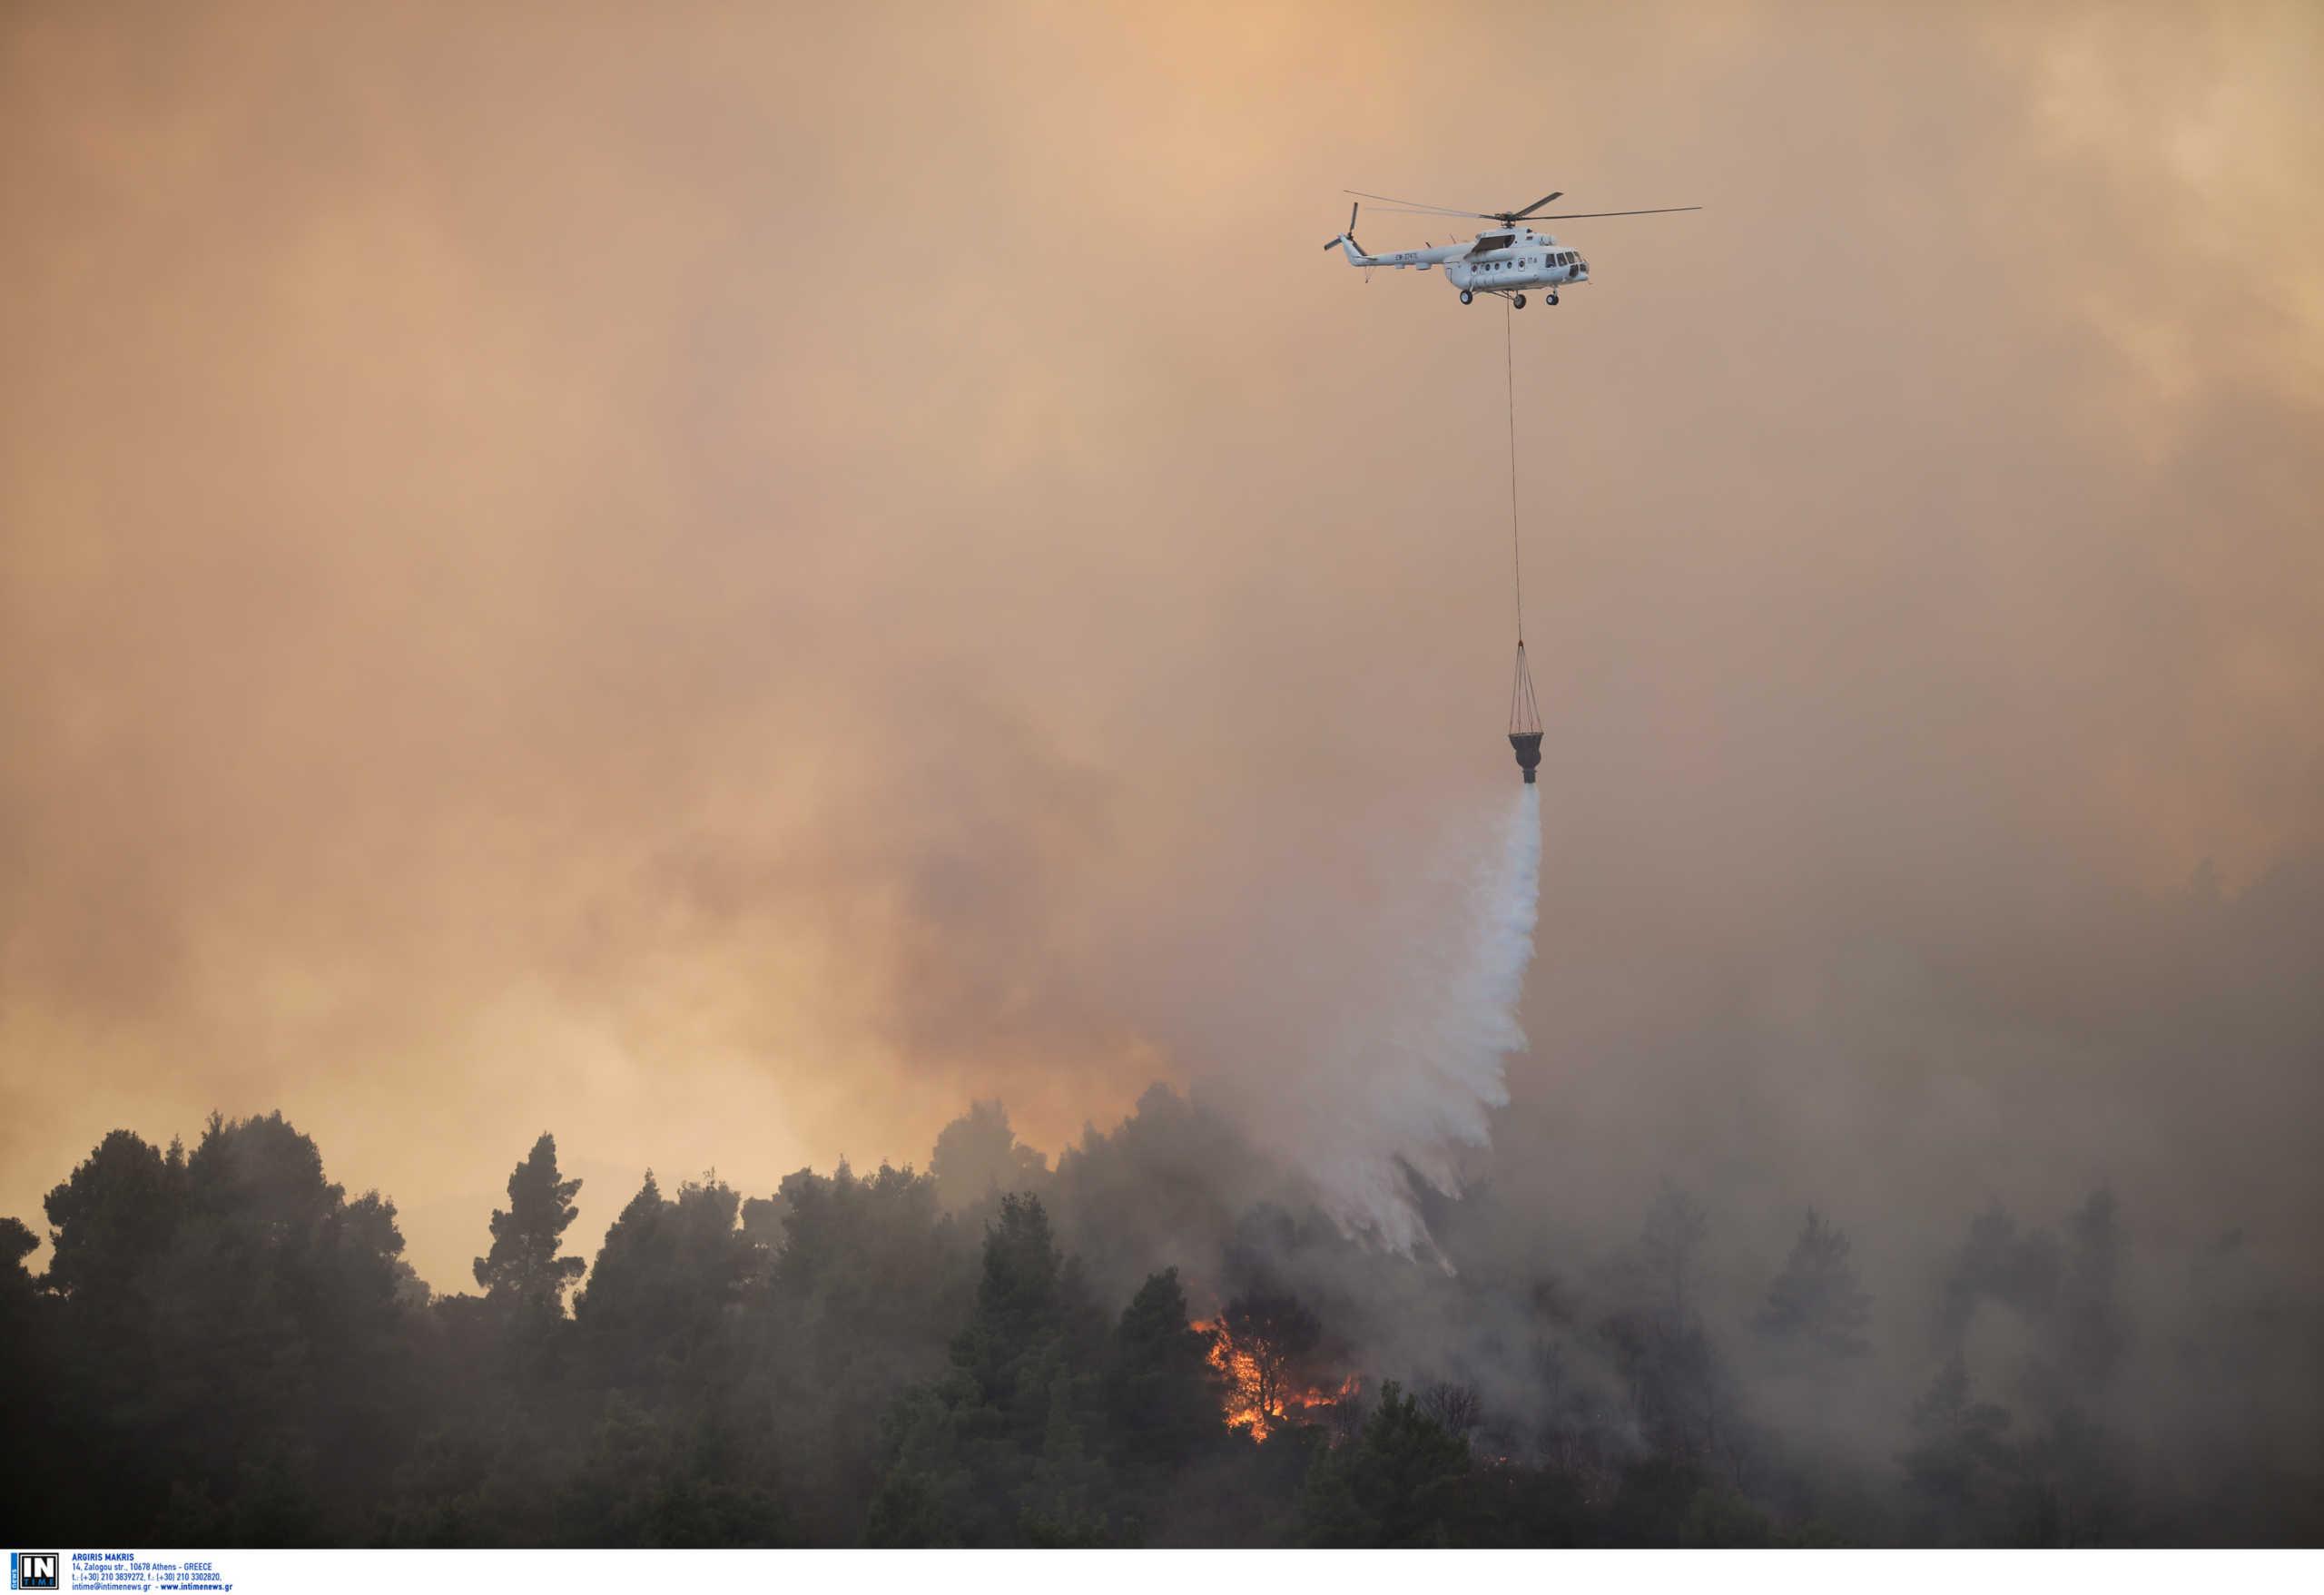 «Γεμίζουν» τα νησιά των Σποράδων με πυροσβεστικές δυνάμεις λόγω κινδύνου πυρκαγιάς